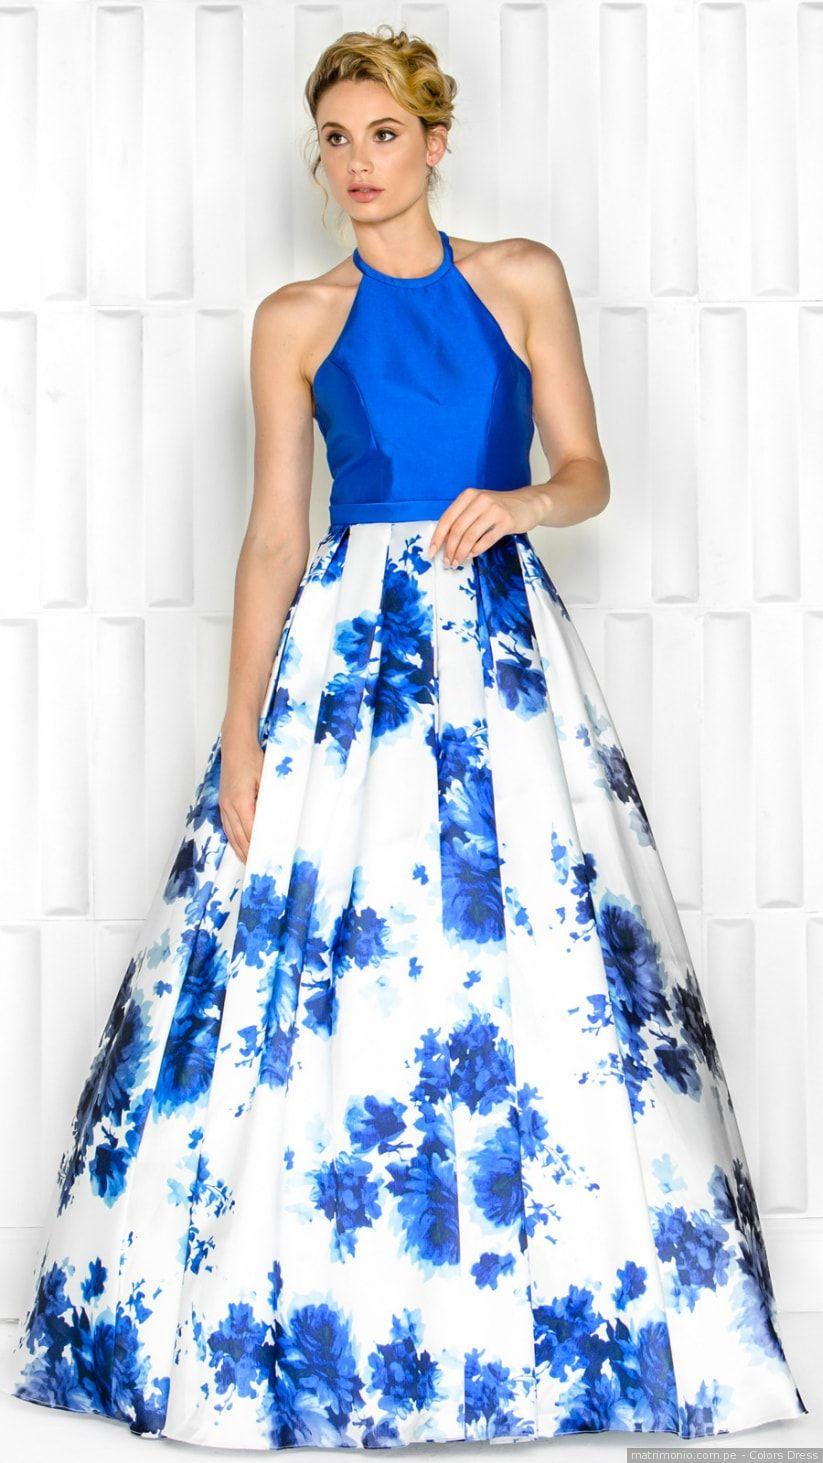 f1273598c0 50 vestidos azules de fiesta con los que brillarás como invitada  beautiful   love